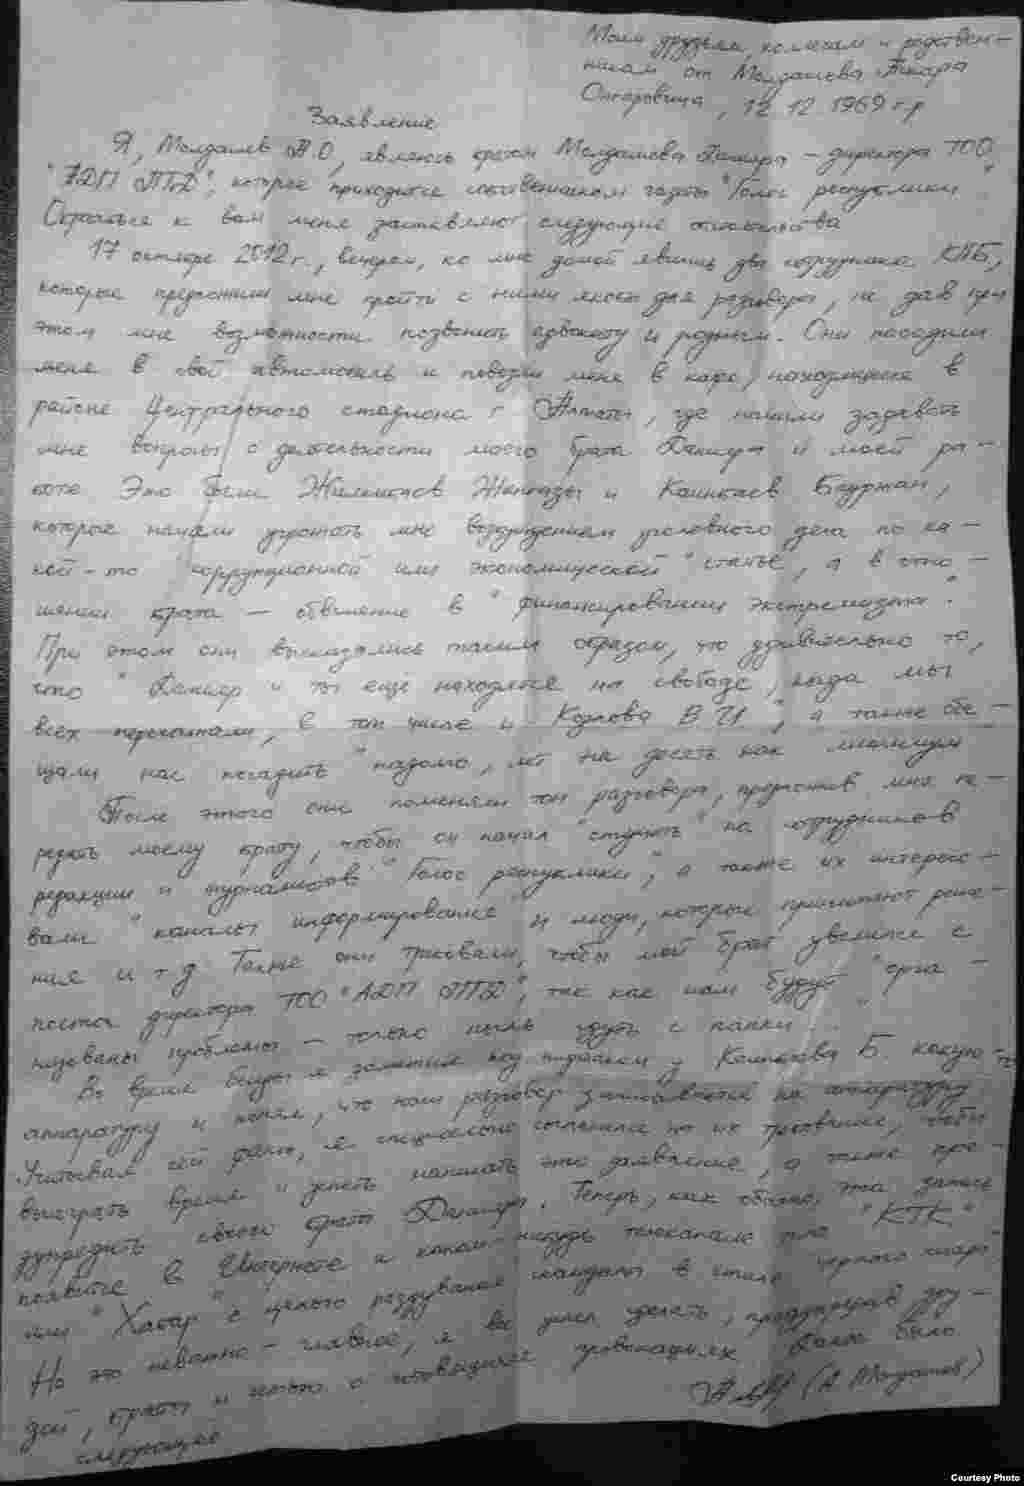 Татьяна Молдашева подтверждает, что письмо, появившееся в Интернете, действительно, писал ее муж, и что давление оказывалось в течение нескольких недель до ареста.